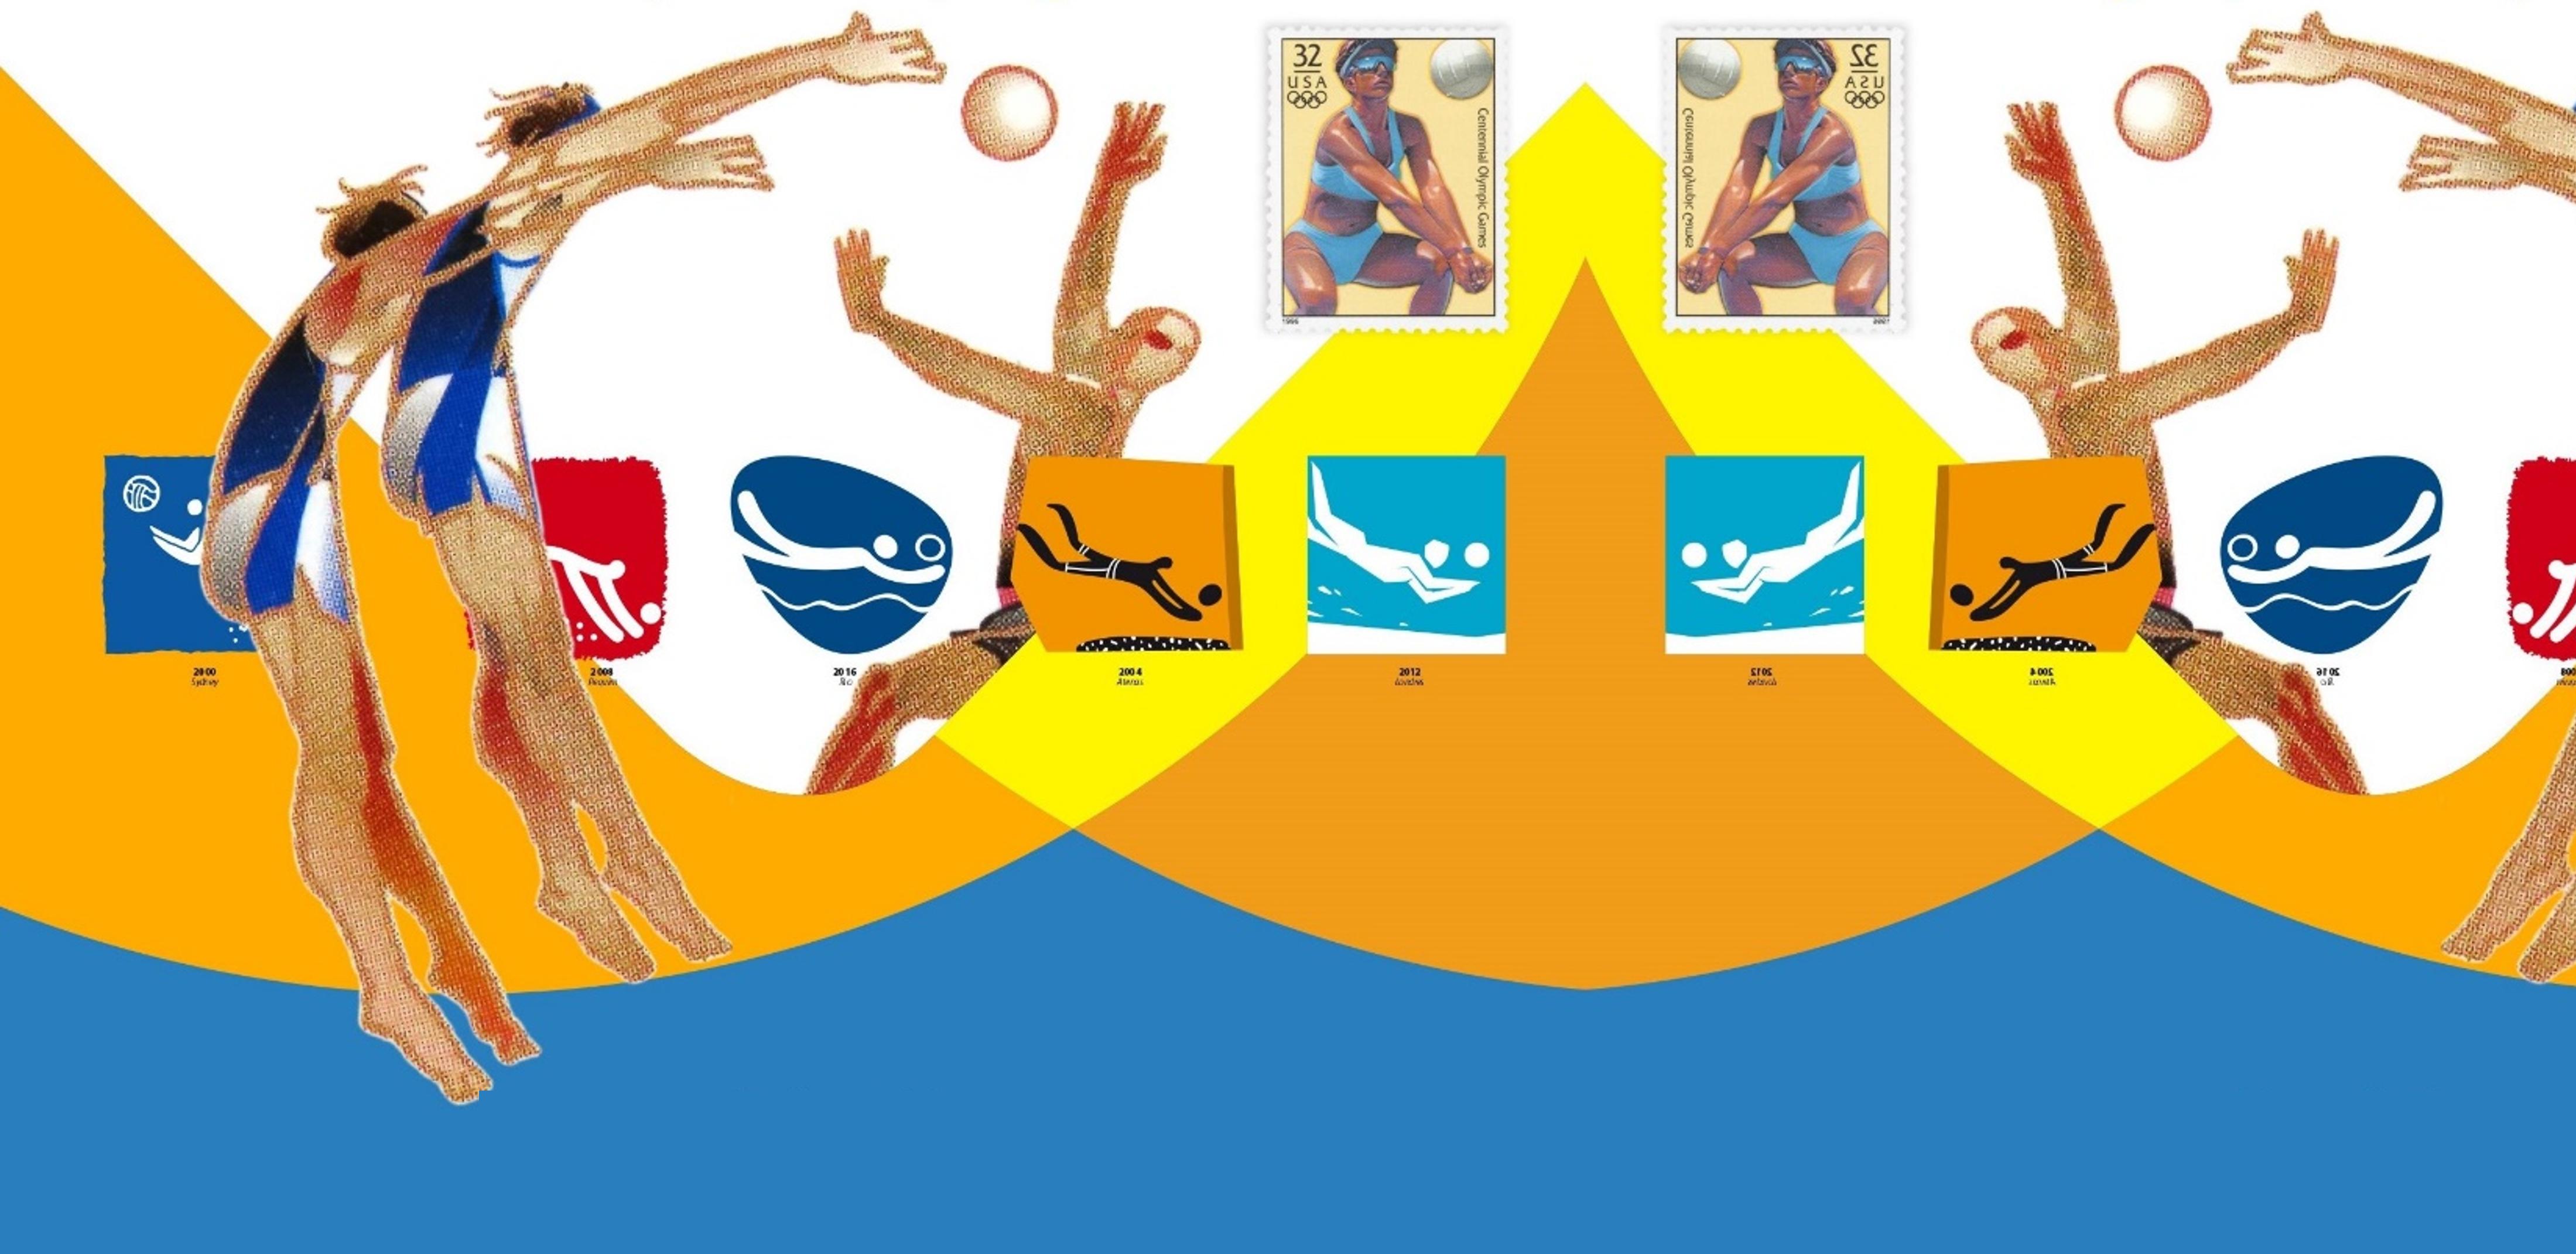 """EXPOSIÇÃO """"AS MODALIDADES OLÍMPICAS: UM OLHAR (PICTO)GRÁFICO"""""""